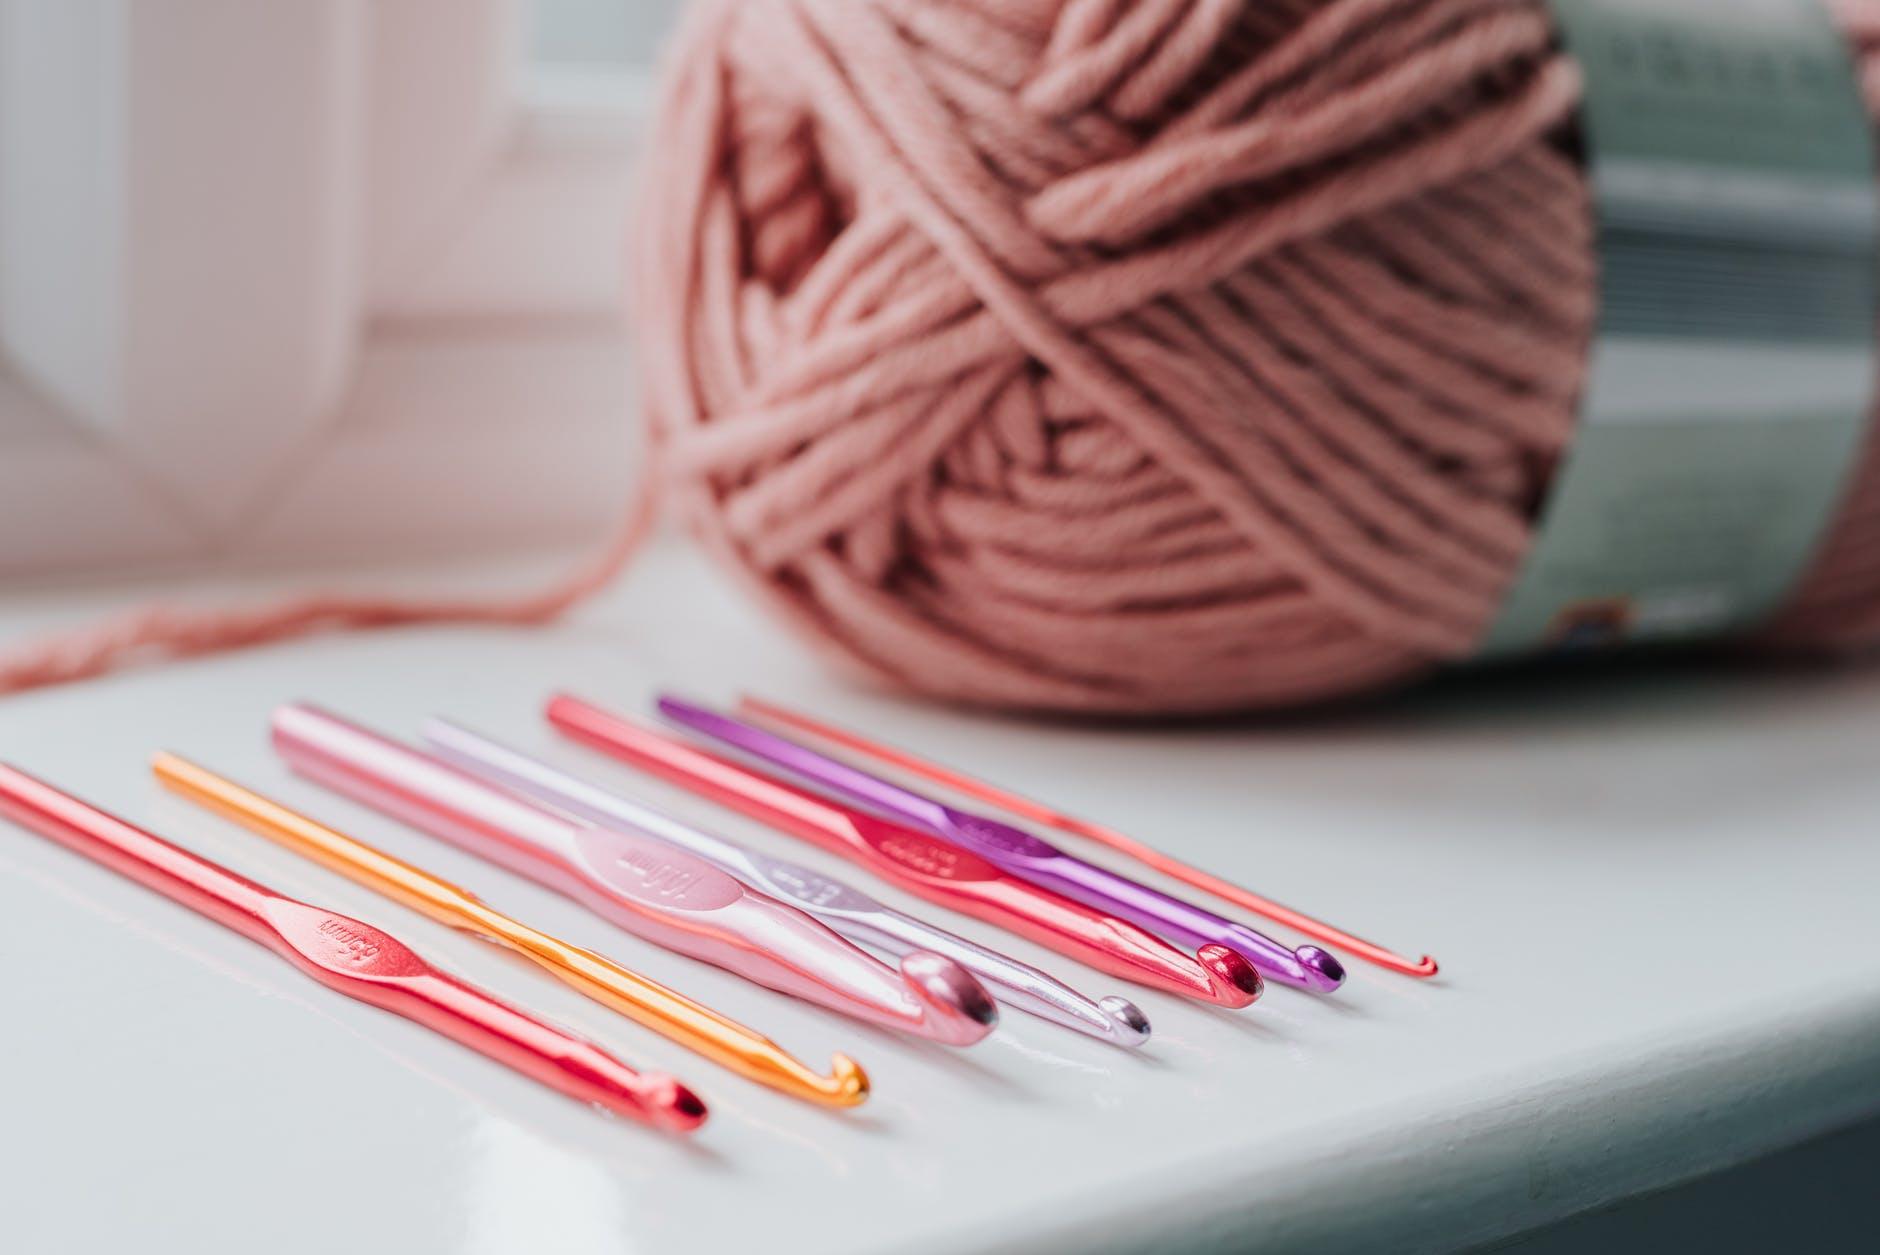 crochet needles and threads on windowsill